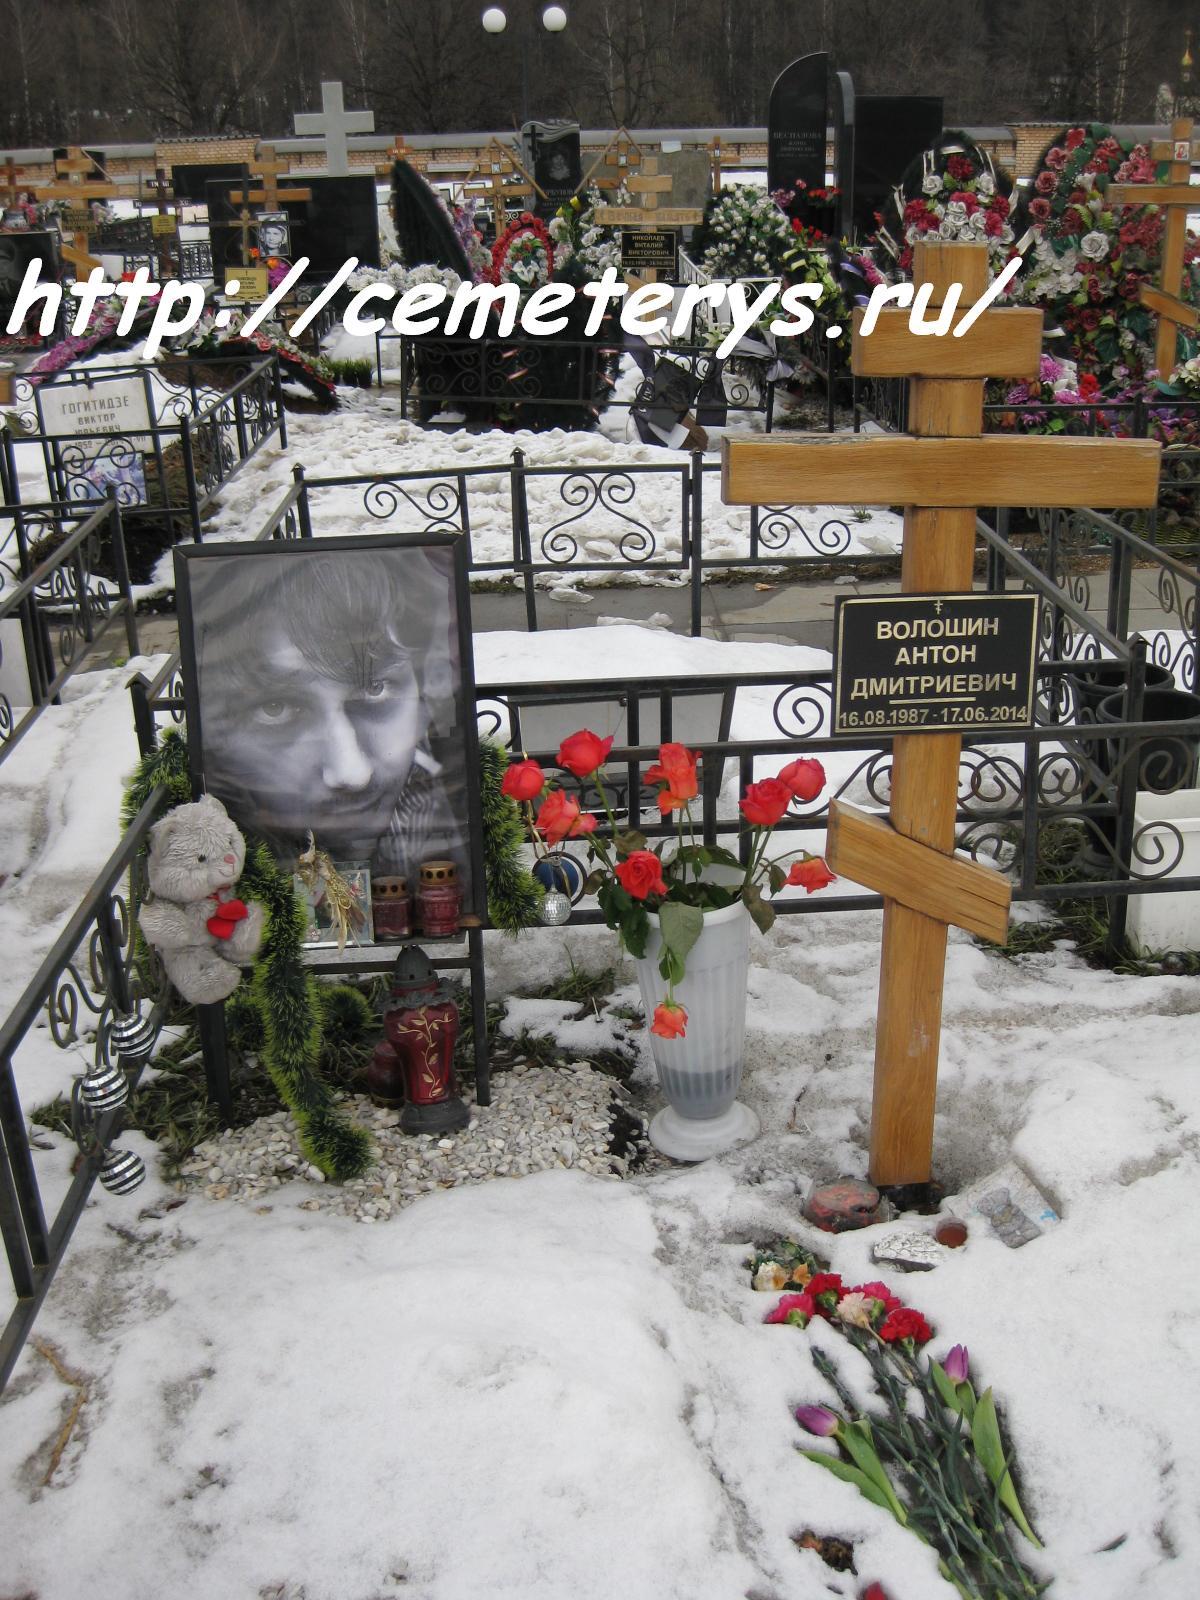 могила журналиста Антона Волошина на Троекуровском кладбище в Москве ( фото Дмитрия Кондратьева)